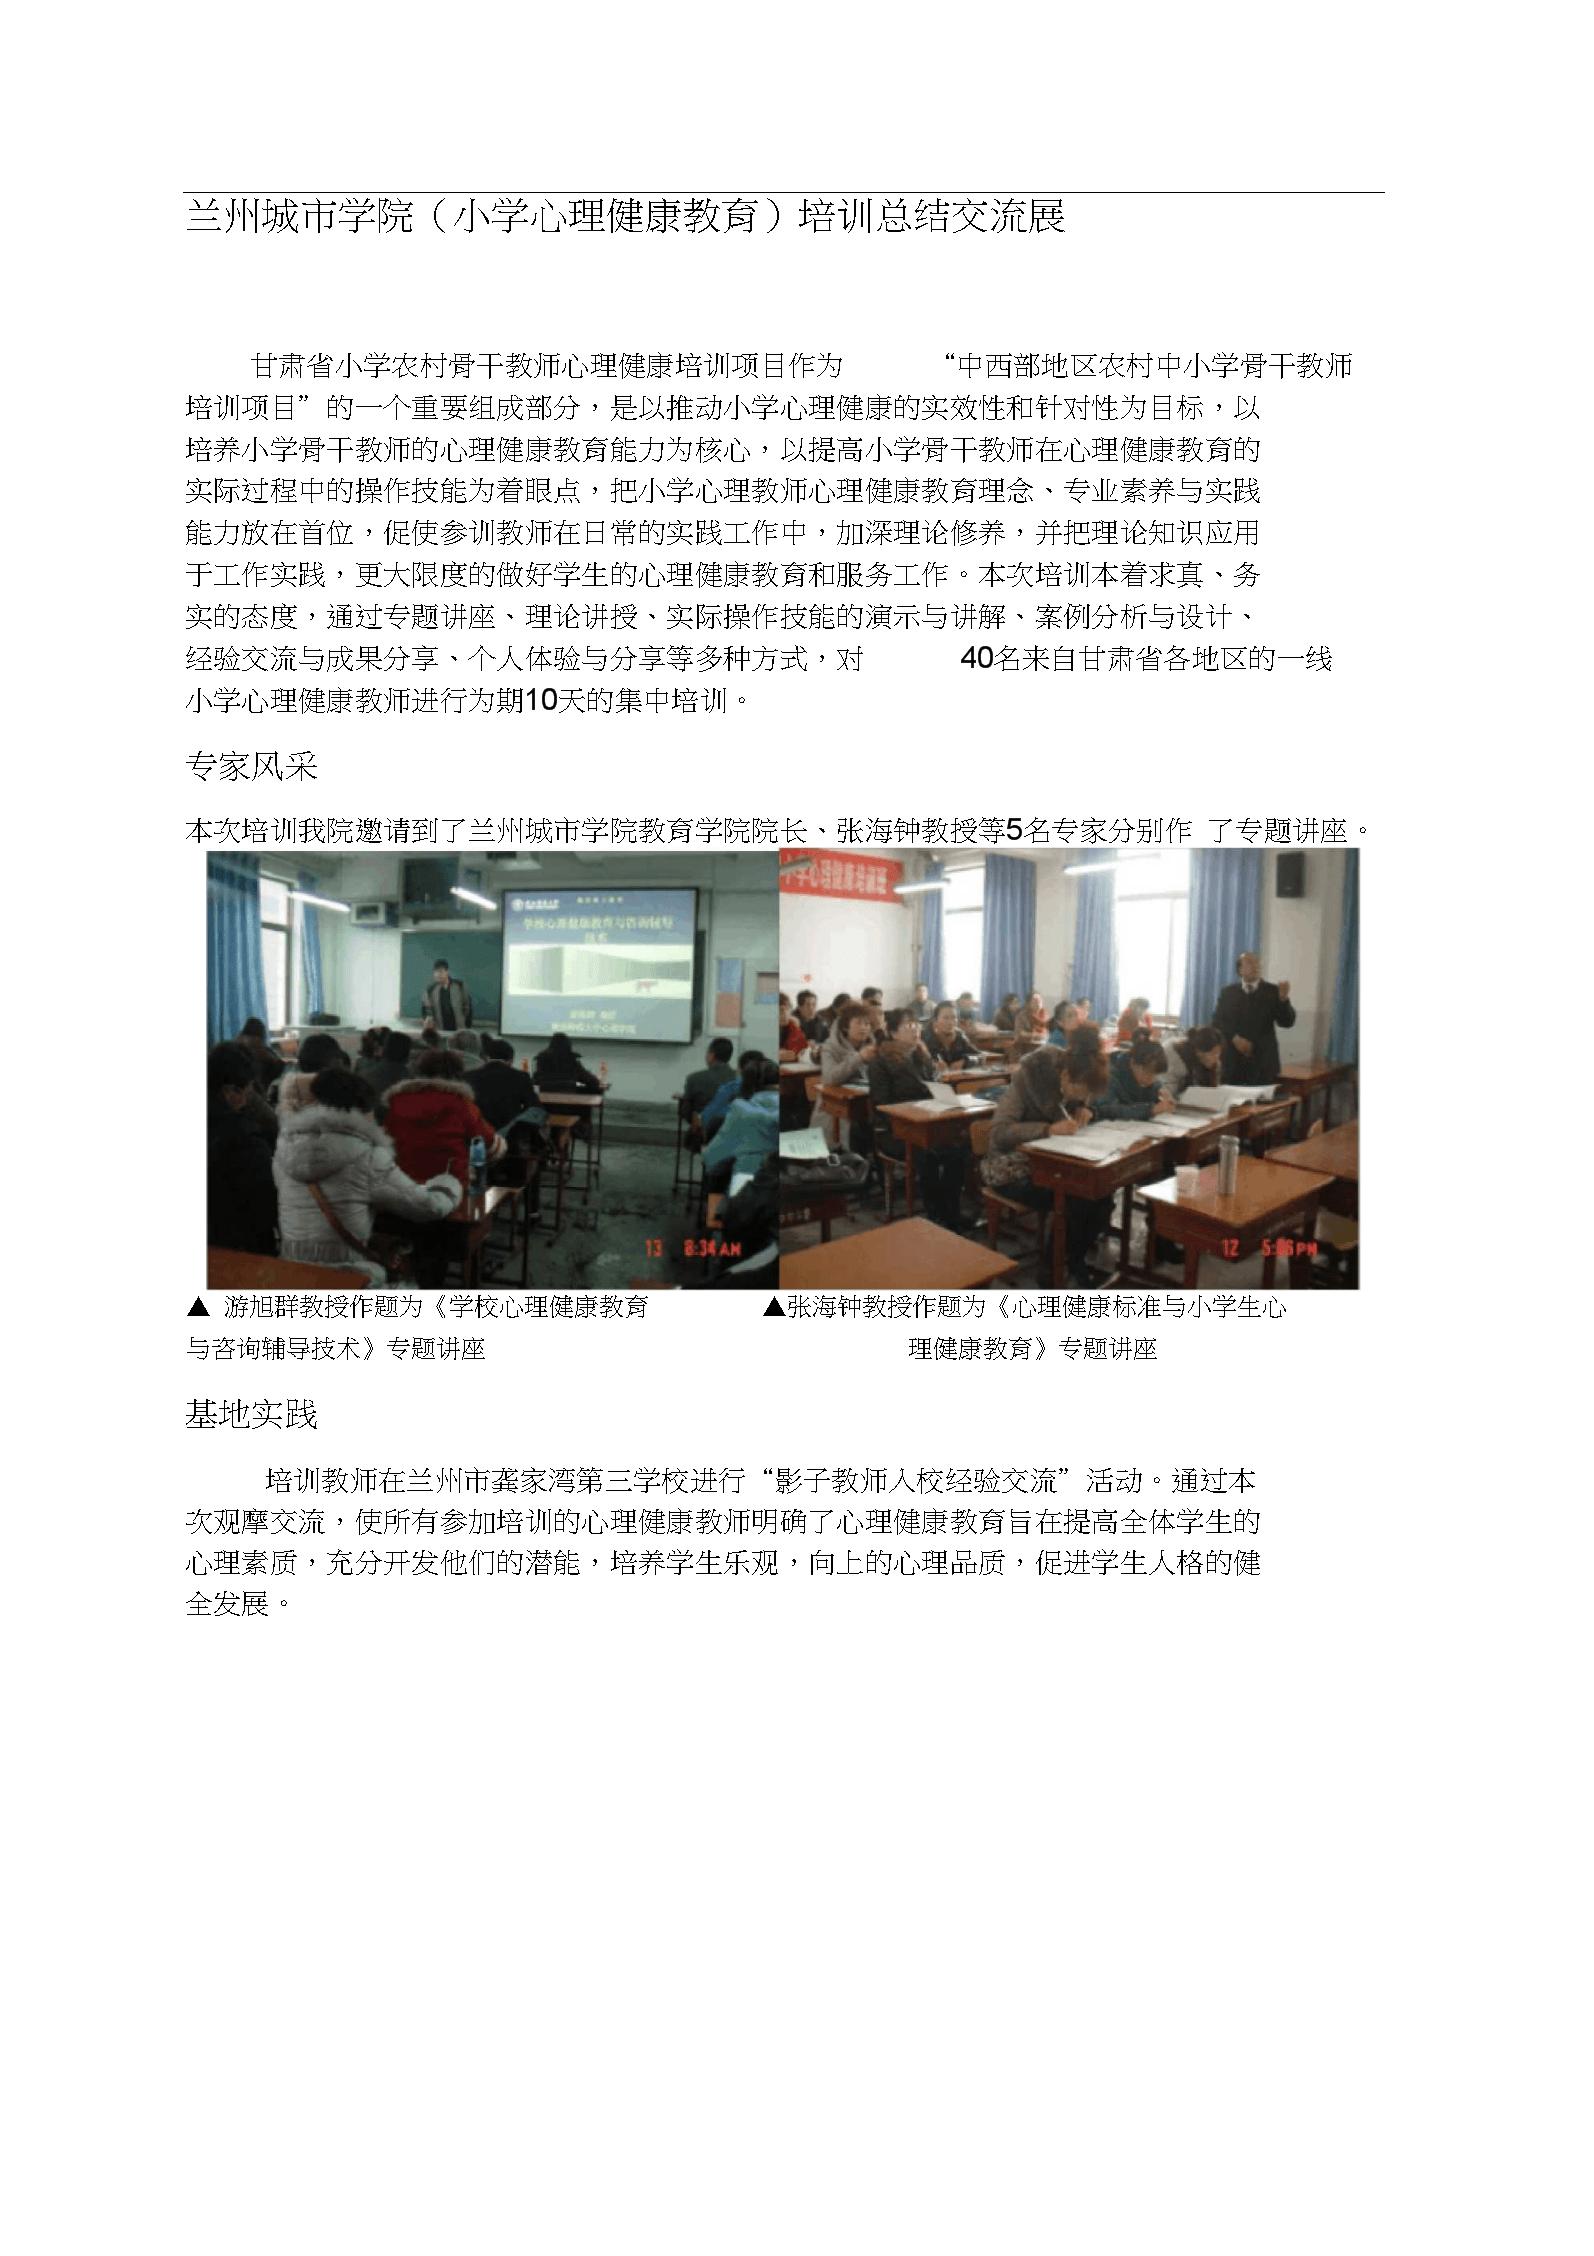 国培计划总结交流会培训成果资料资料汇总安排表(展板)2.docx